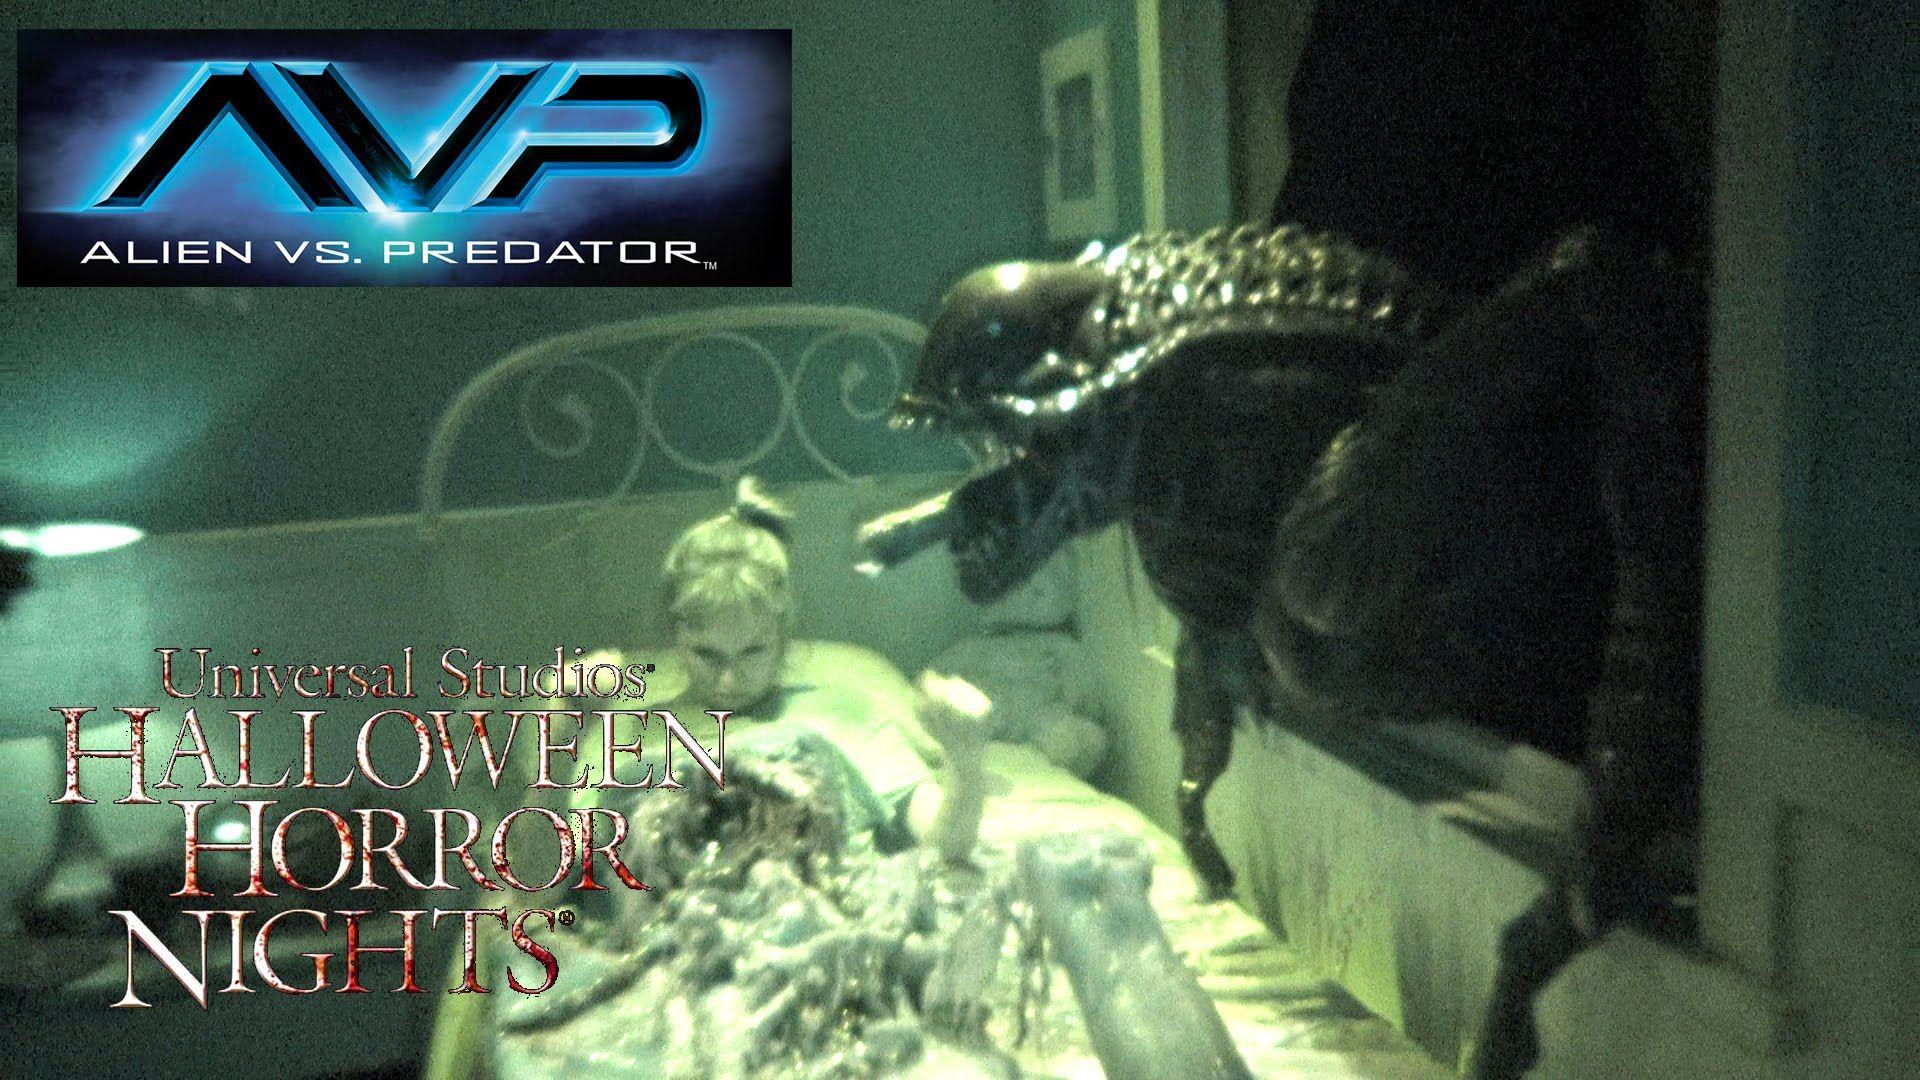 Alien Vs Predator Haunted House Maze Walk Through Halloween Horror